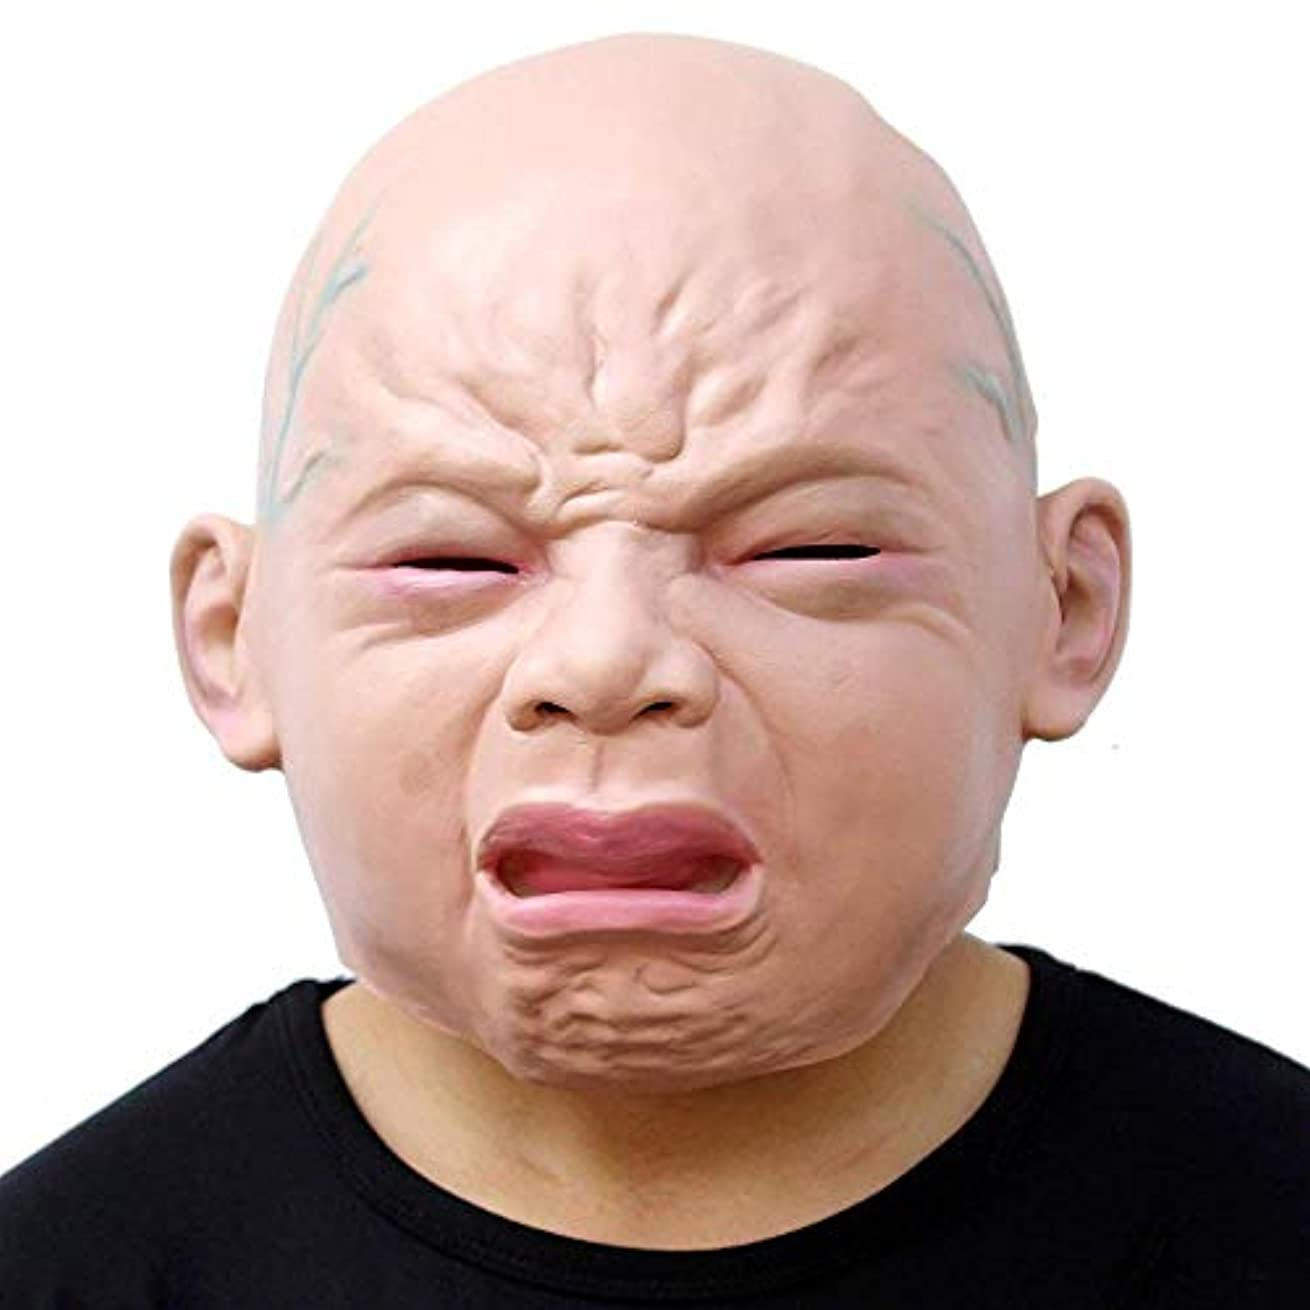 トラフィック爆弾モロニックノベルティハロウィーンコスチュームパーティーラテックスヘッドマスク赤ちゃんの顔、パーティーホラーコスプレ衣装の小道具-泣いている赤ちゃん、大人の子